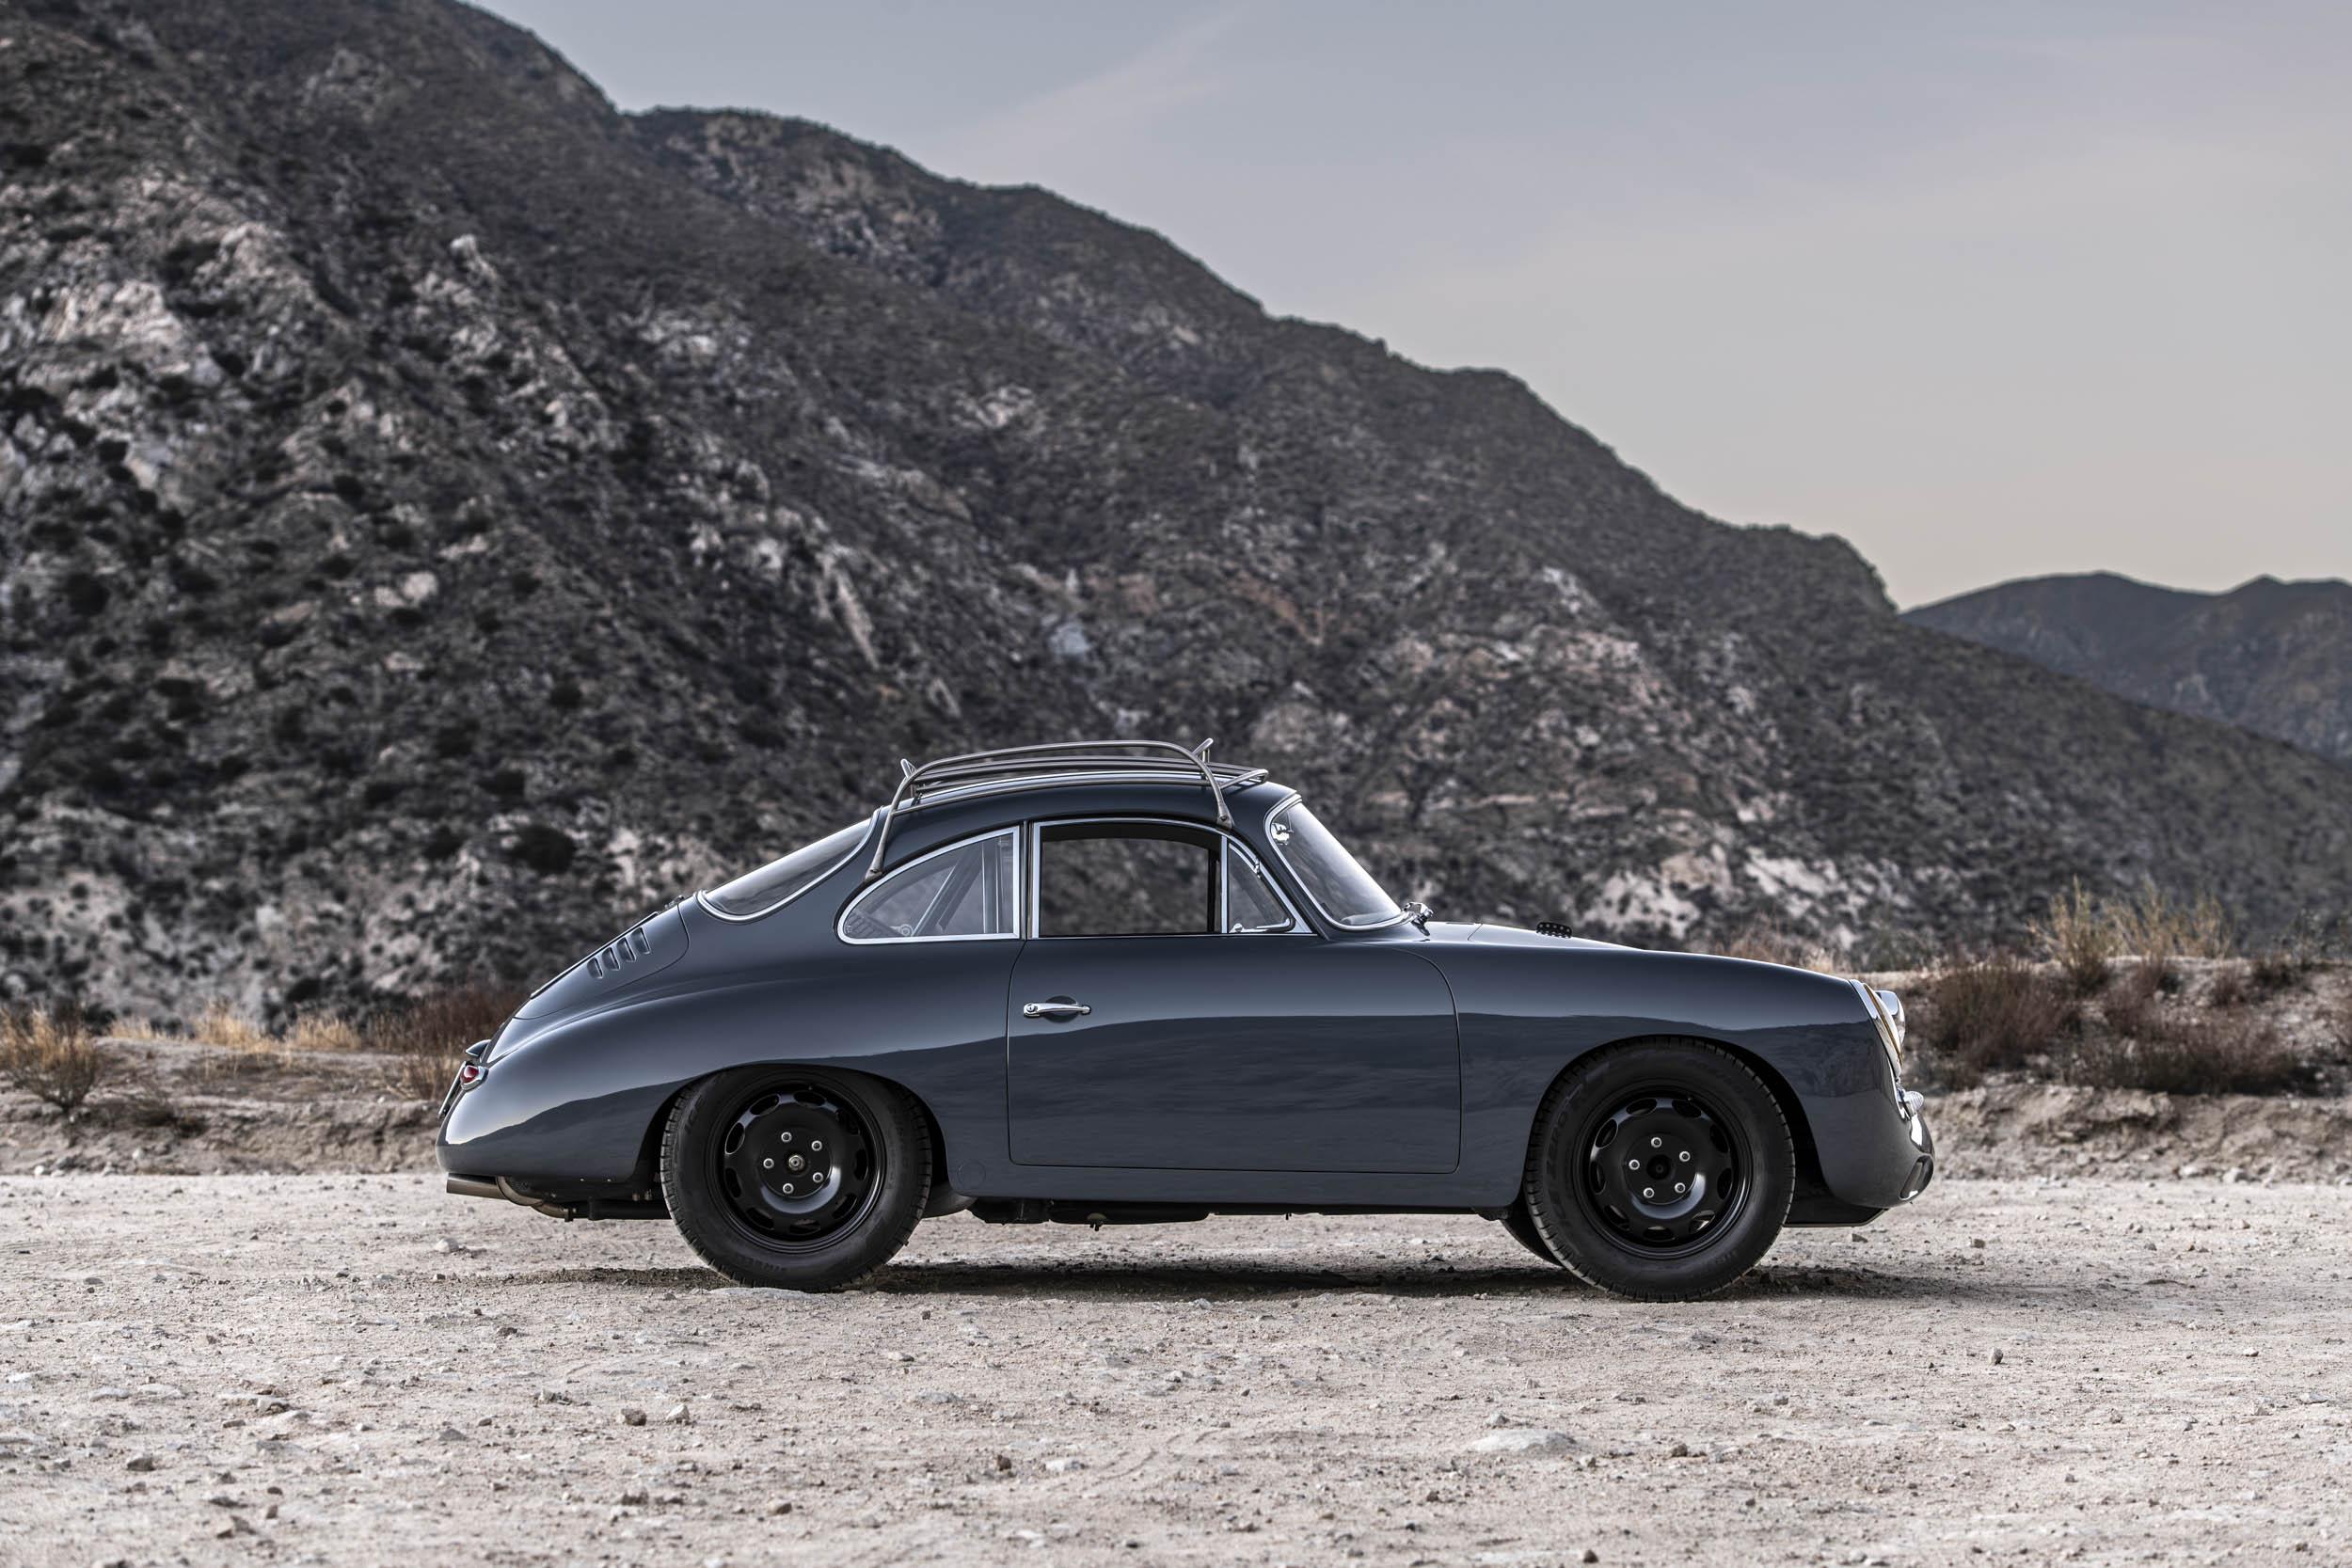 Emory Porsche 356 C4S Allrad side profile